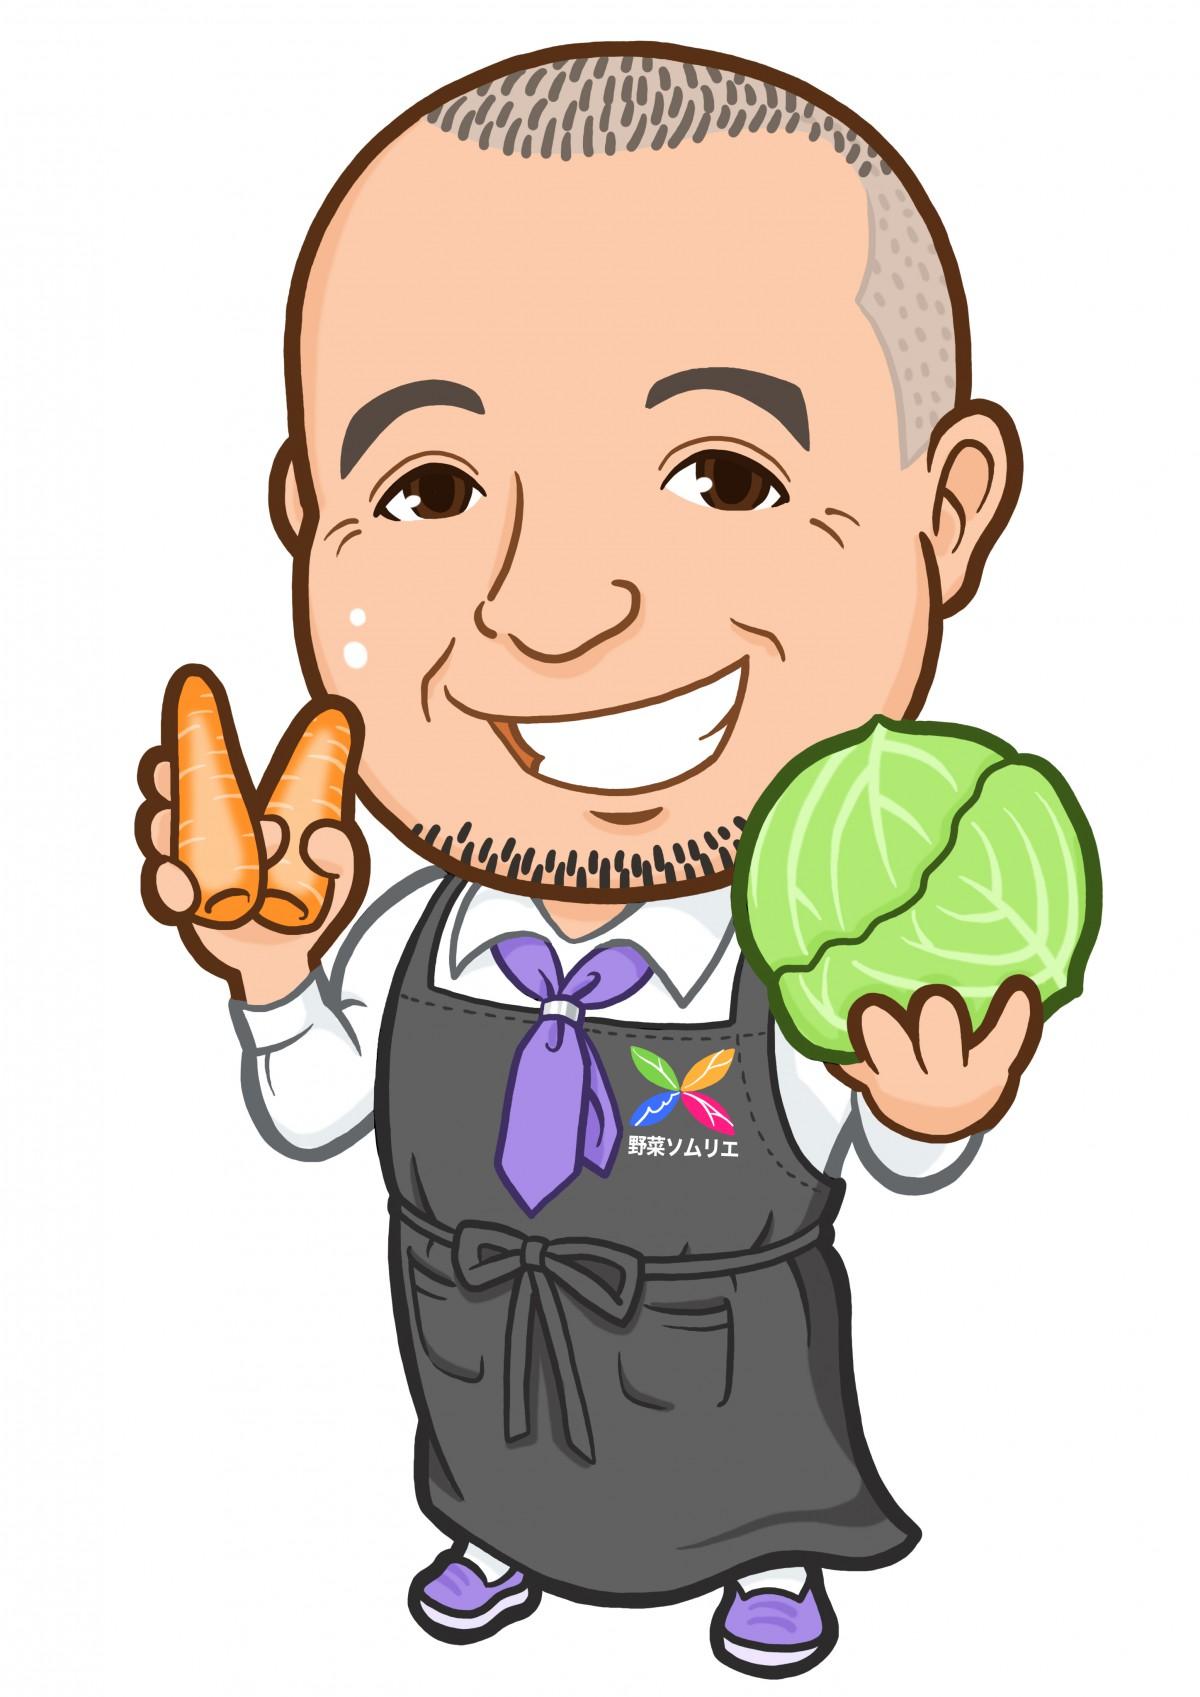 人参とキャベツを持った野菜ソムリエ様の似顔絵